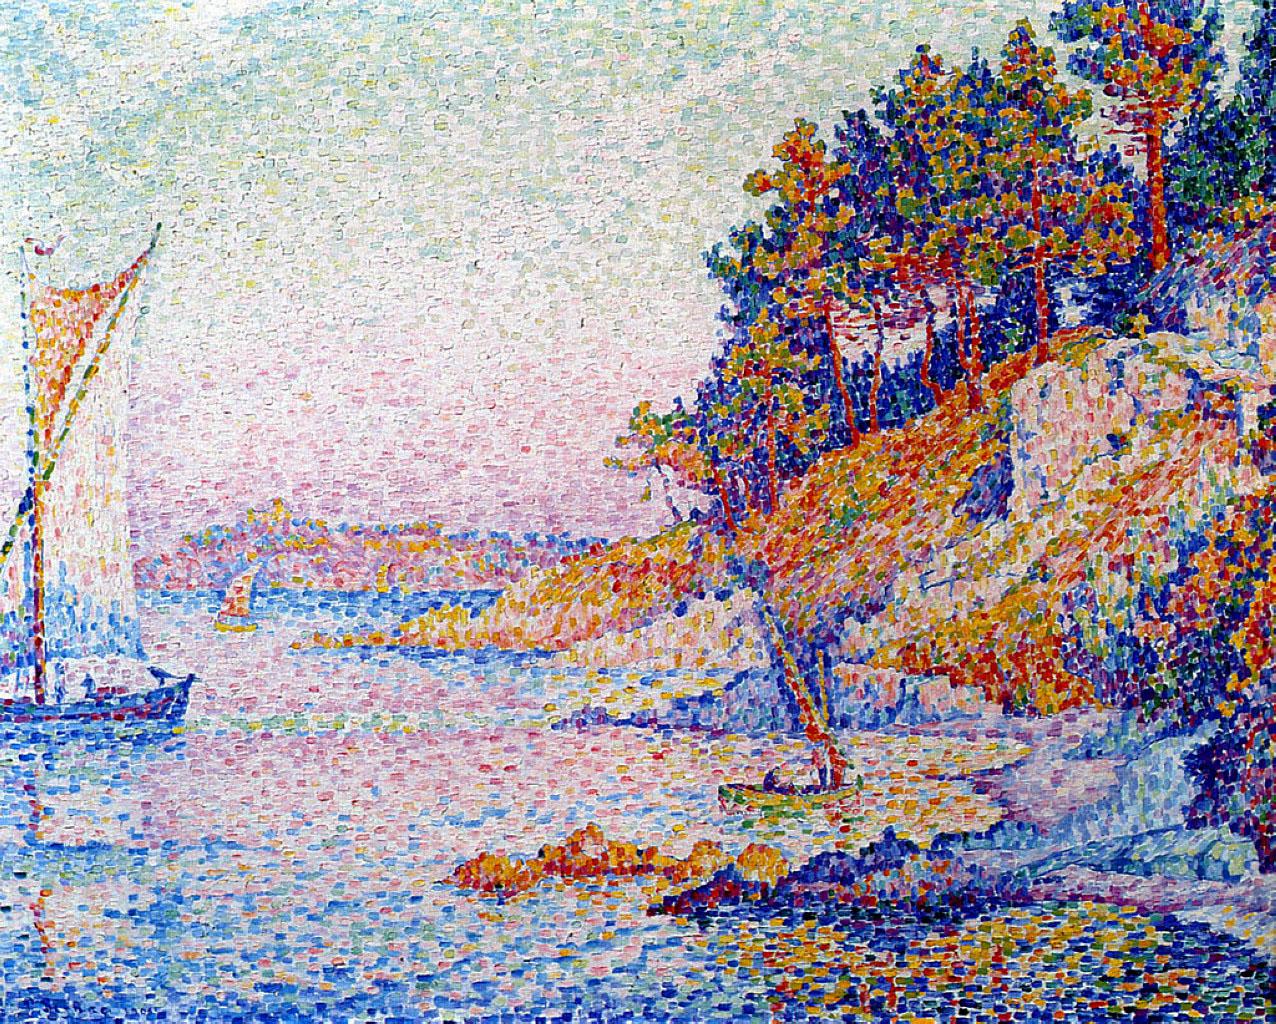 художник Поль Синьяк Signac картины Saint Tropez Calanque пейзажи природы Альберт Сафиуллин